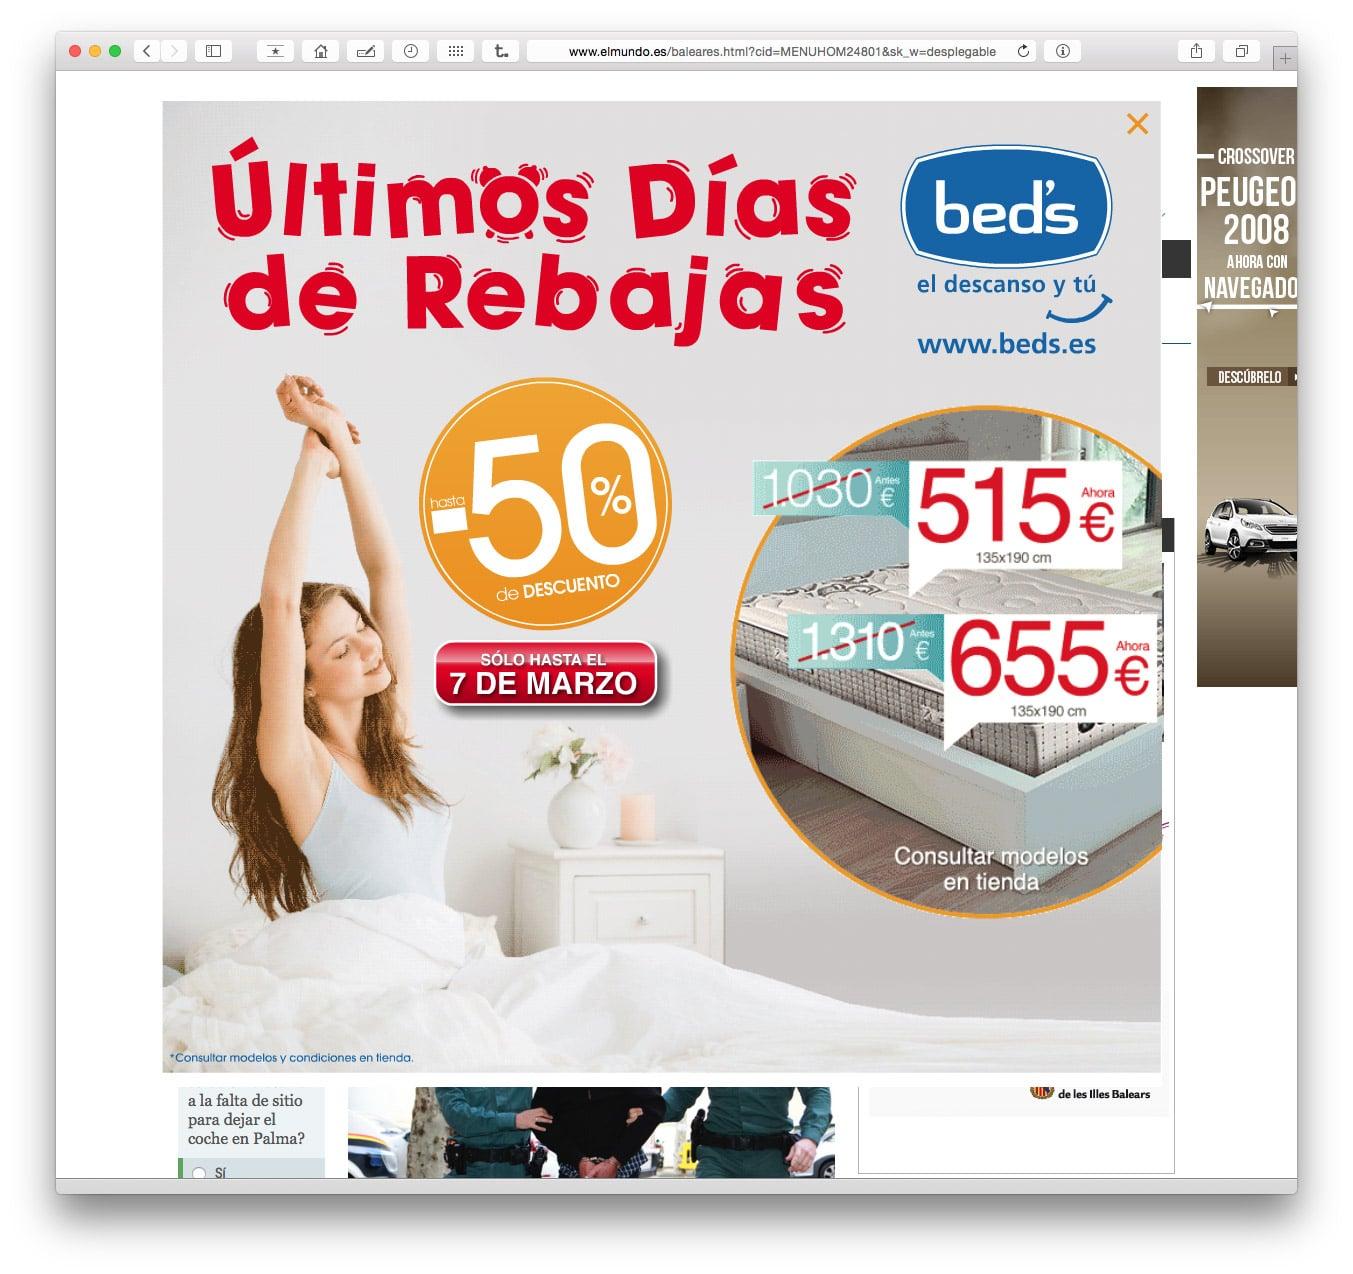 Tiendas-Beds,-banner